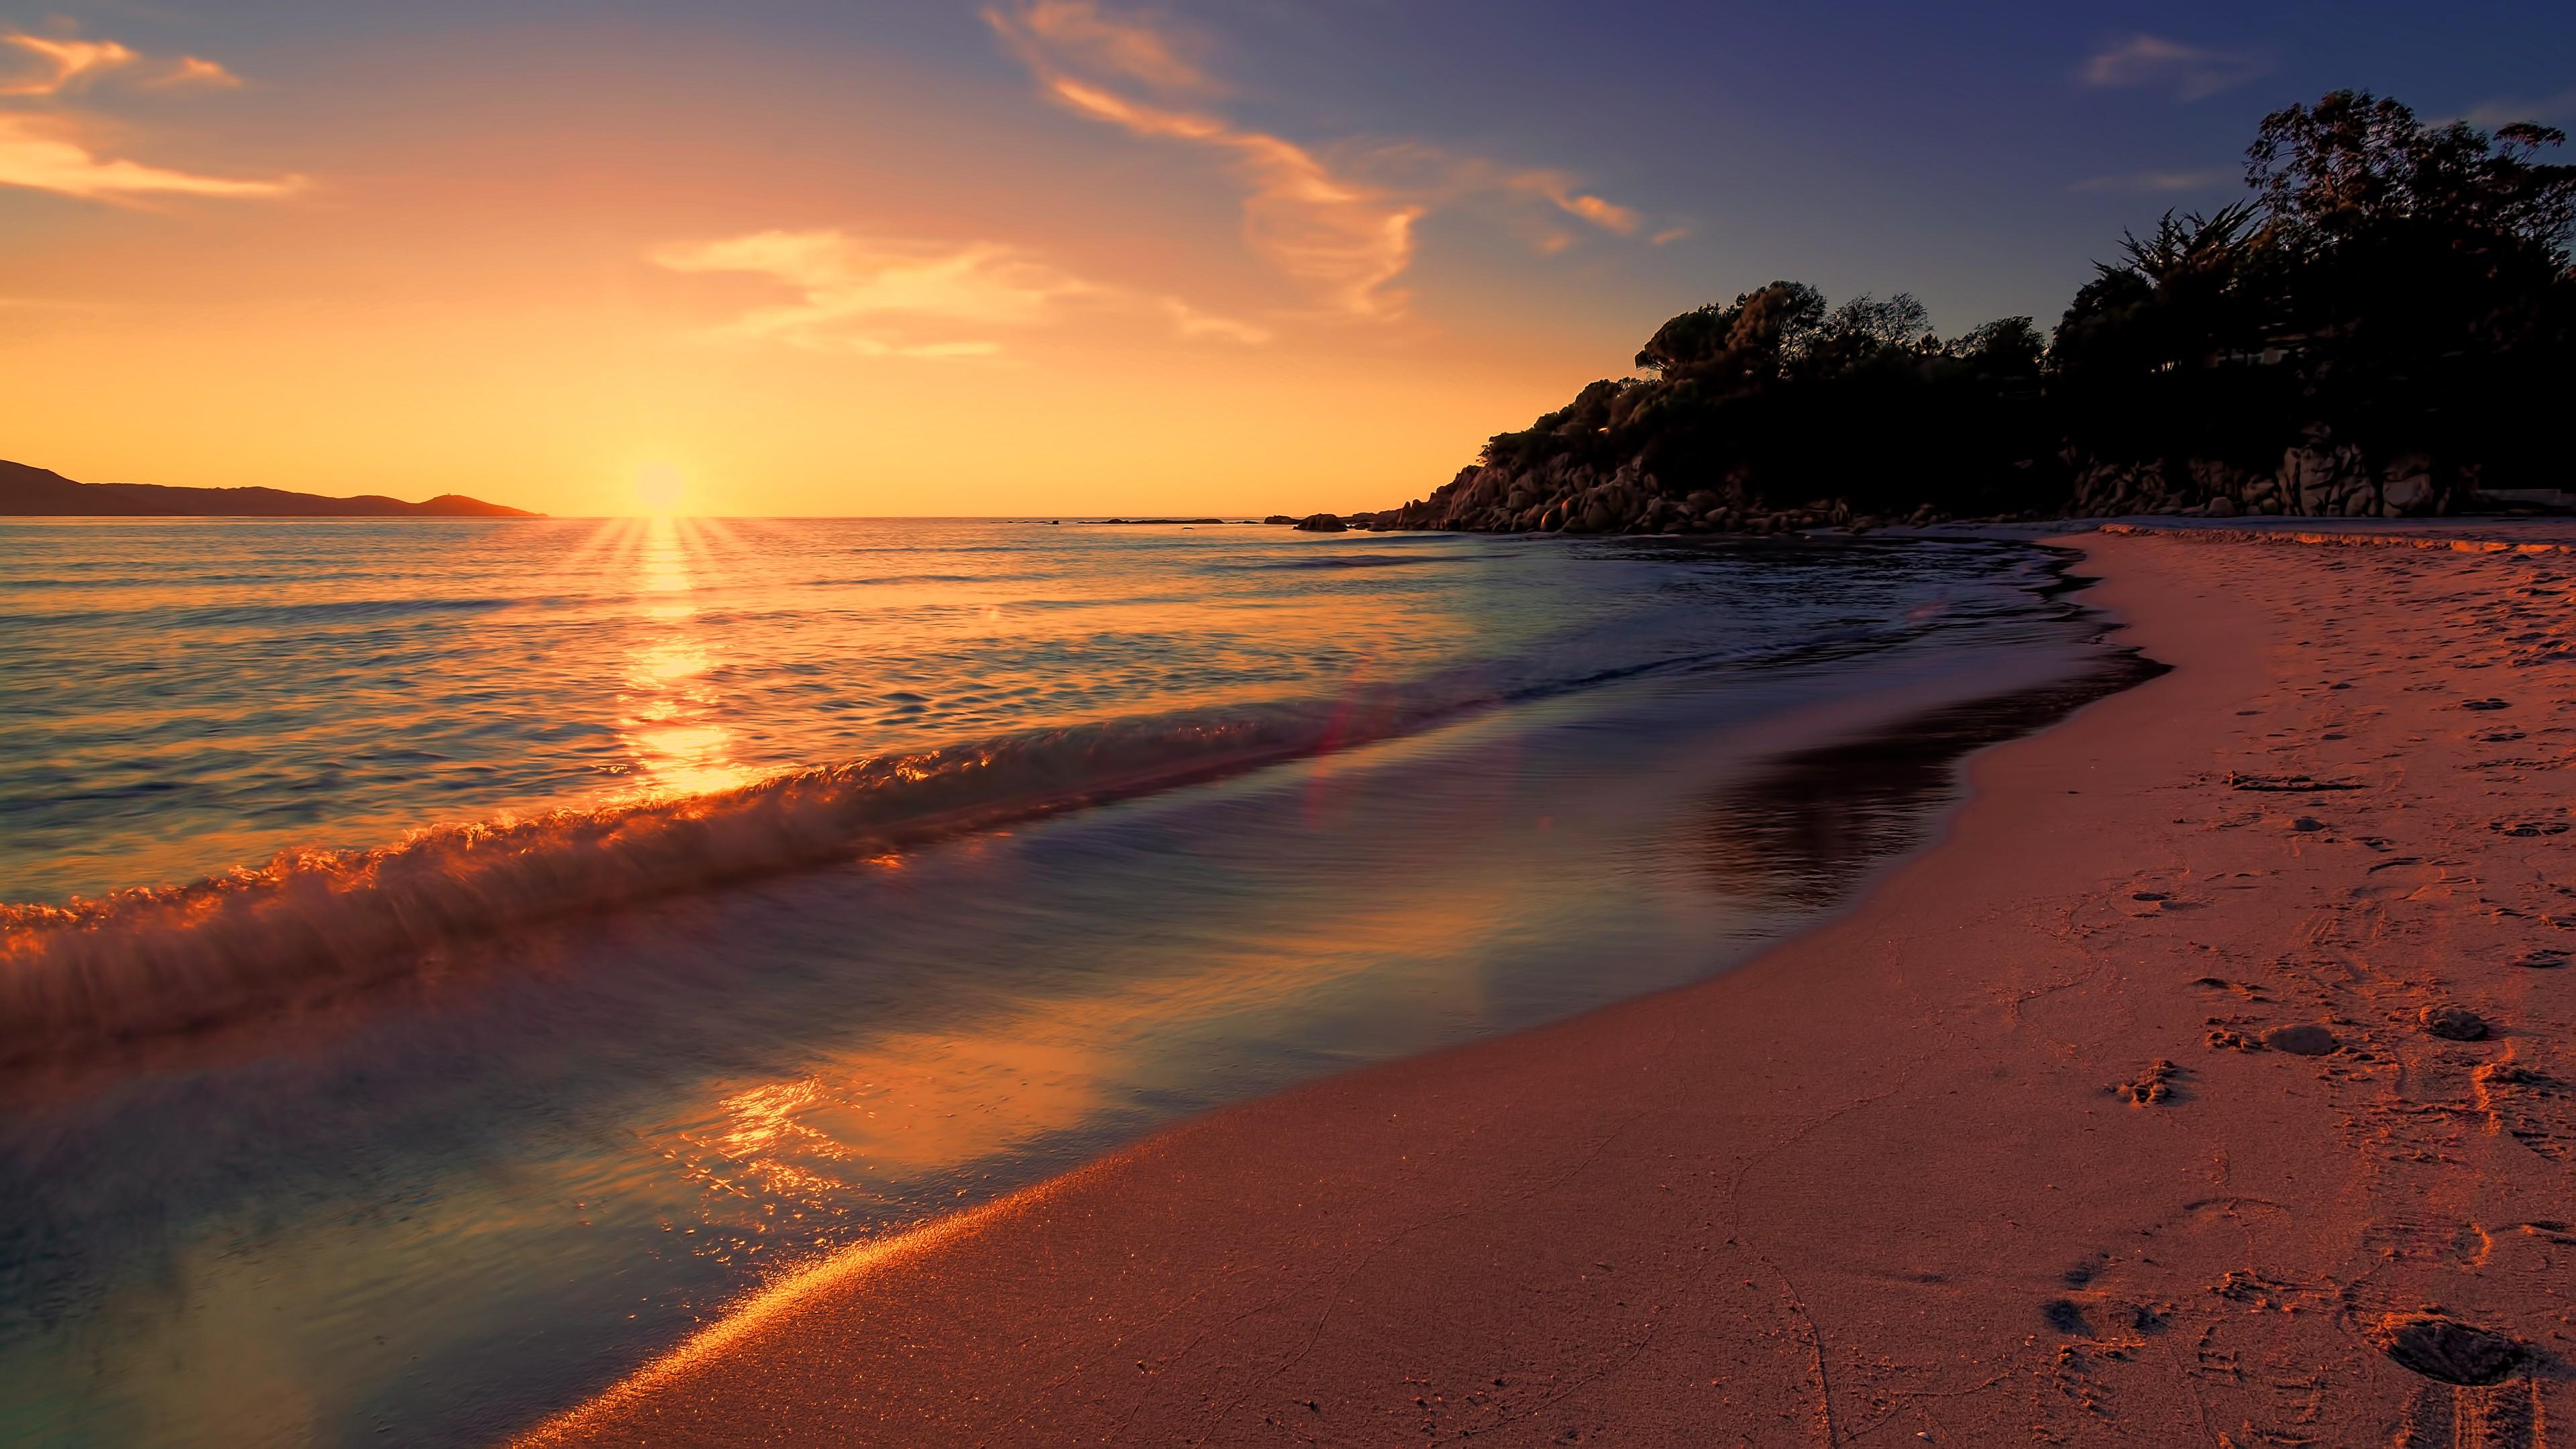 sea sunset beach sunlight